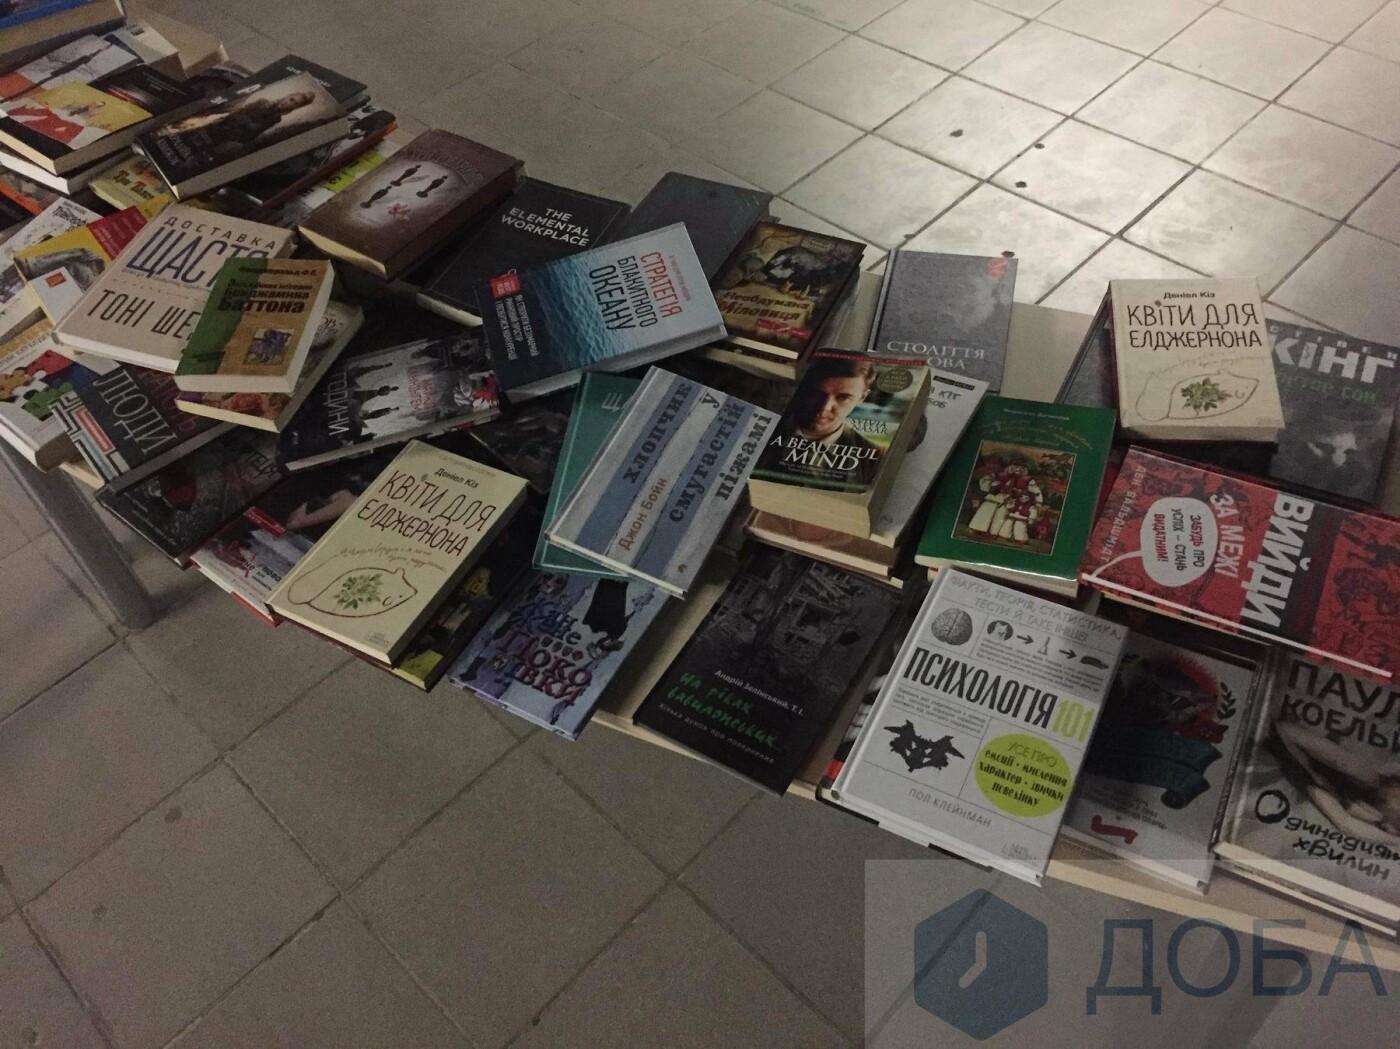 У Тернополі влаштували гаражний книжковий розпродаж (фото), фото-1